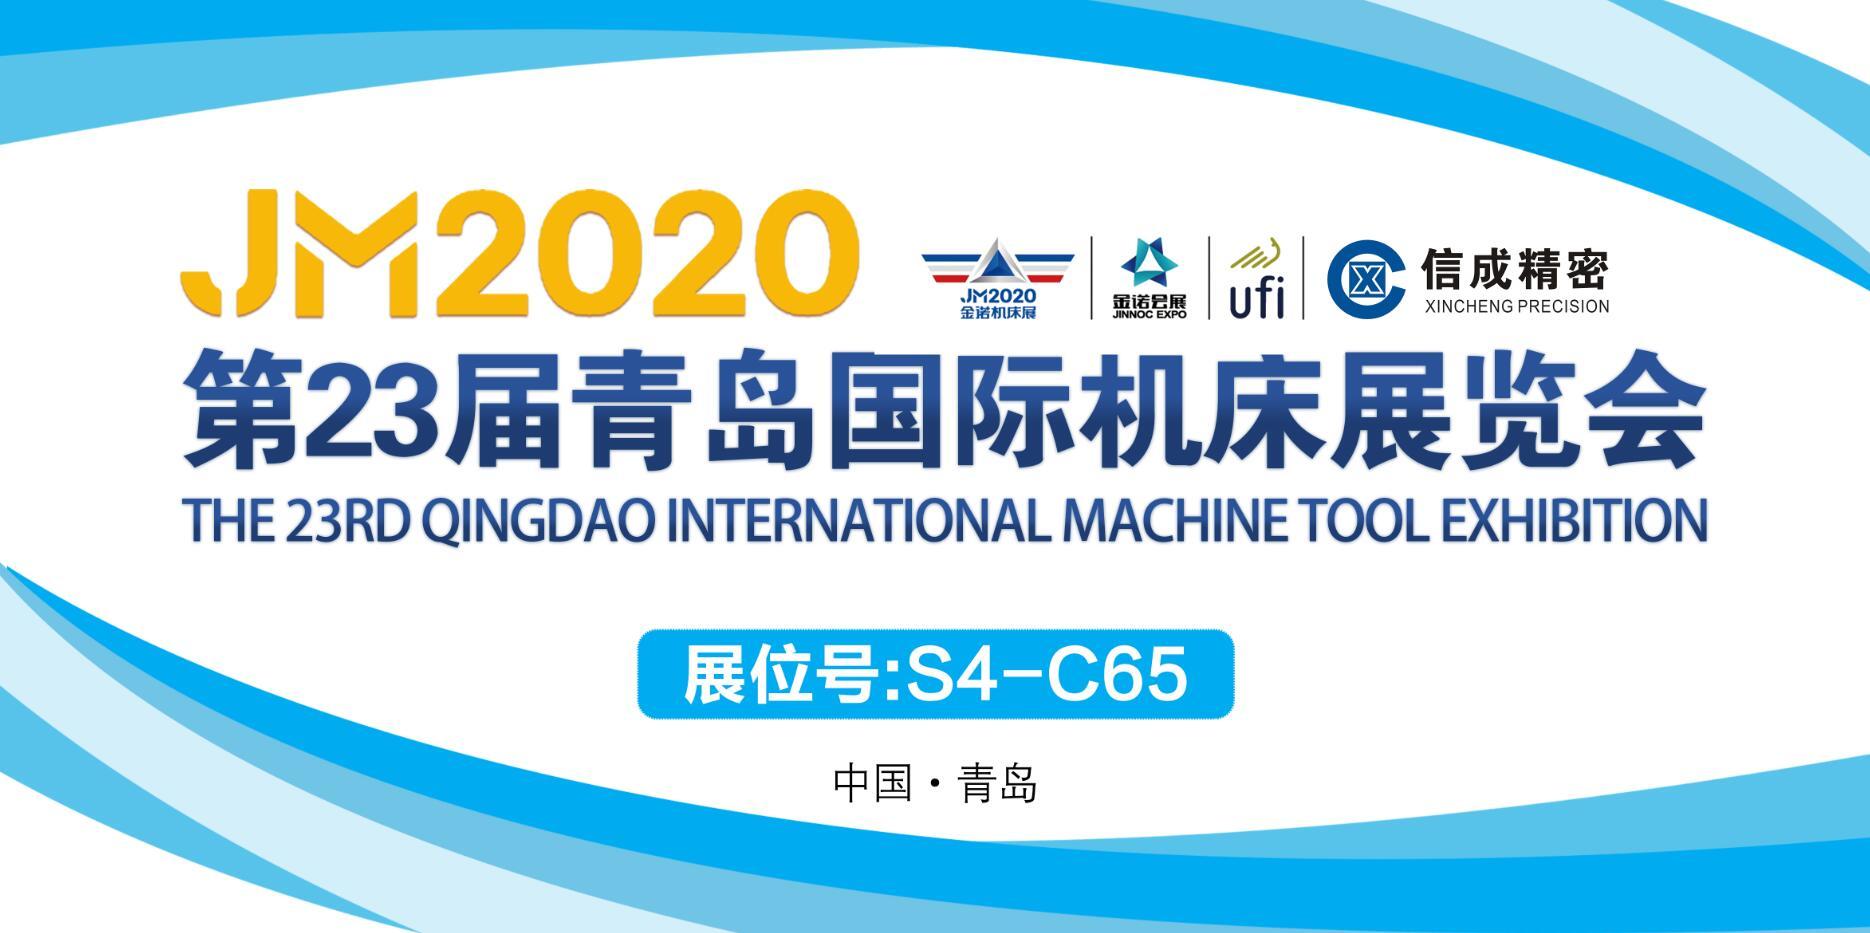 洛阳亚搏网安卓版下载将携部分机电产品--亮相第23届青岛国际机床展览会